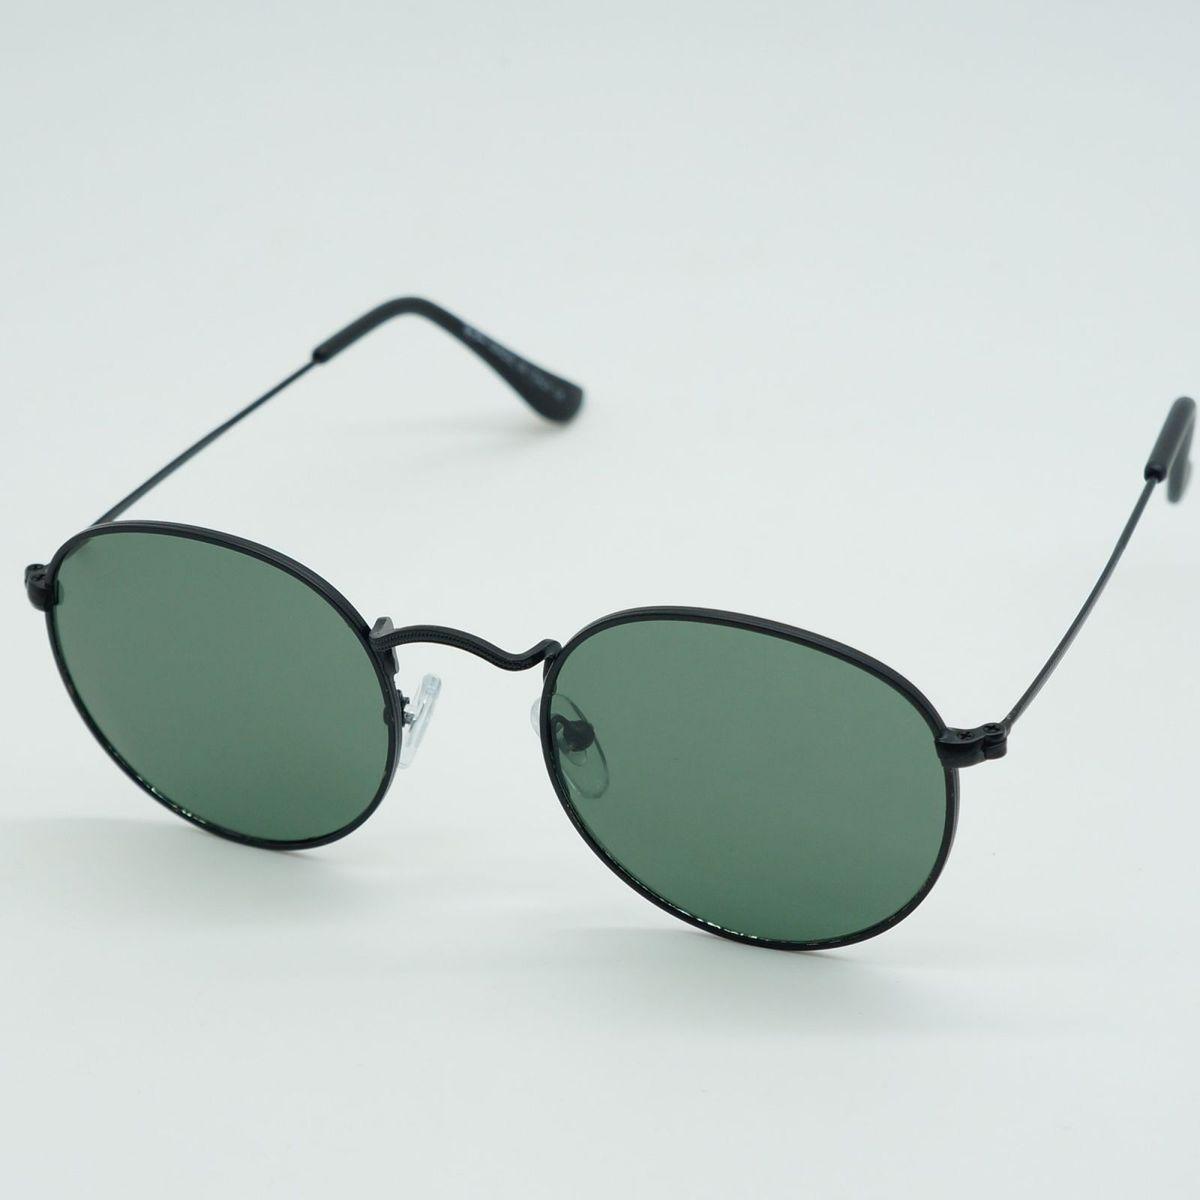 9fc184cce80c1 Oculos de Sol Masculino Feminino Redondo Preto   Óculos Masculino ...